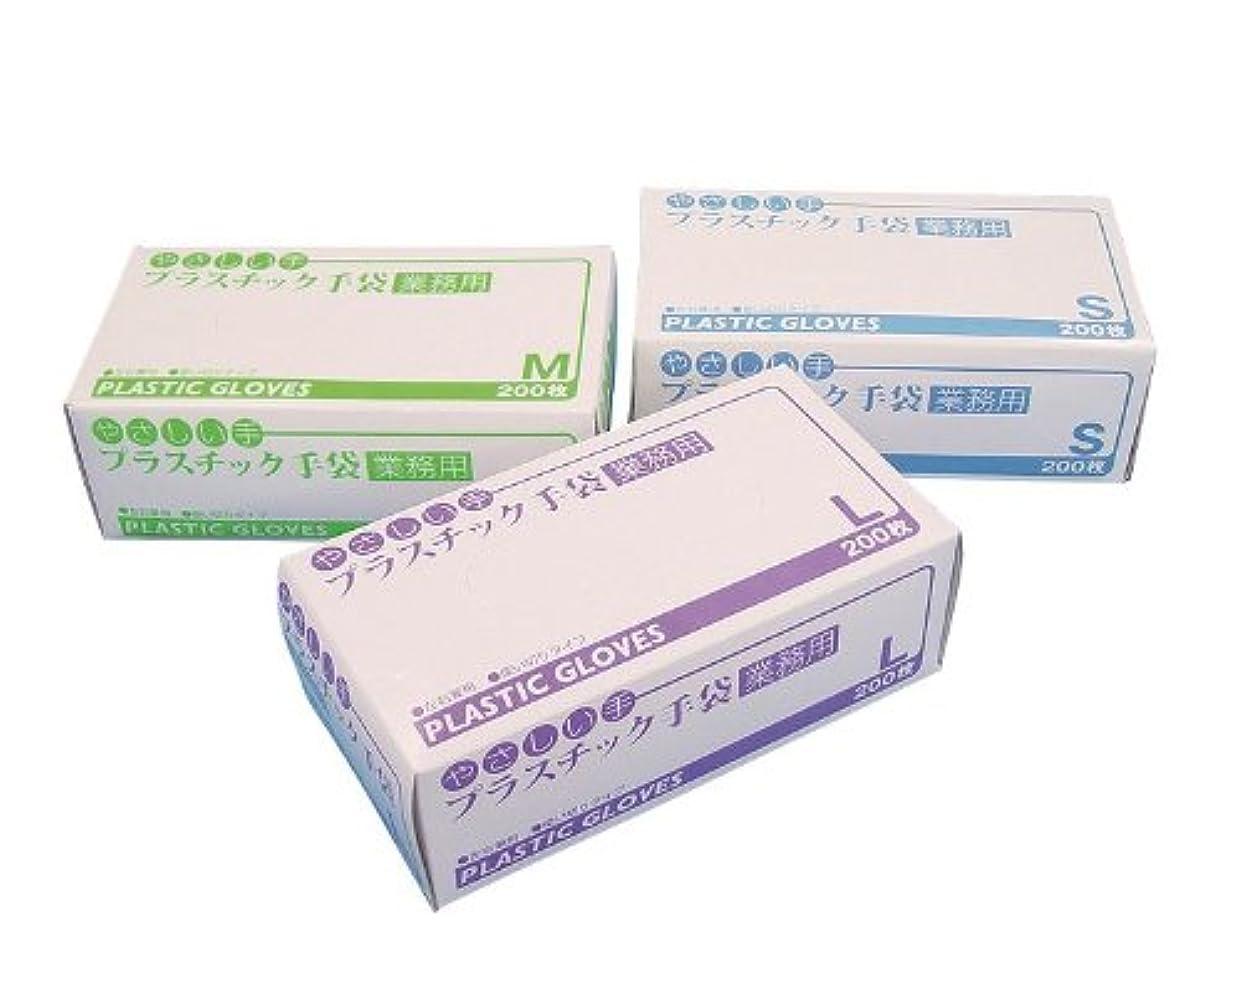 センチメートル十年辞書やさしい手 プラスチック手袋 業務用 OM-460 200枚入/Lサイズ